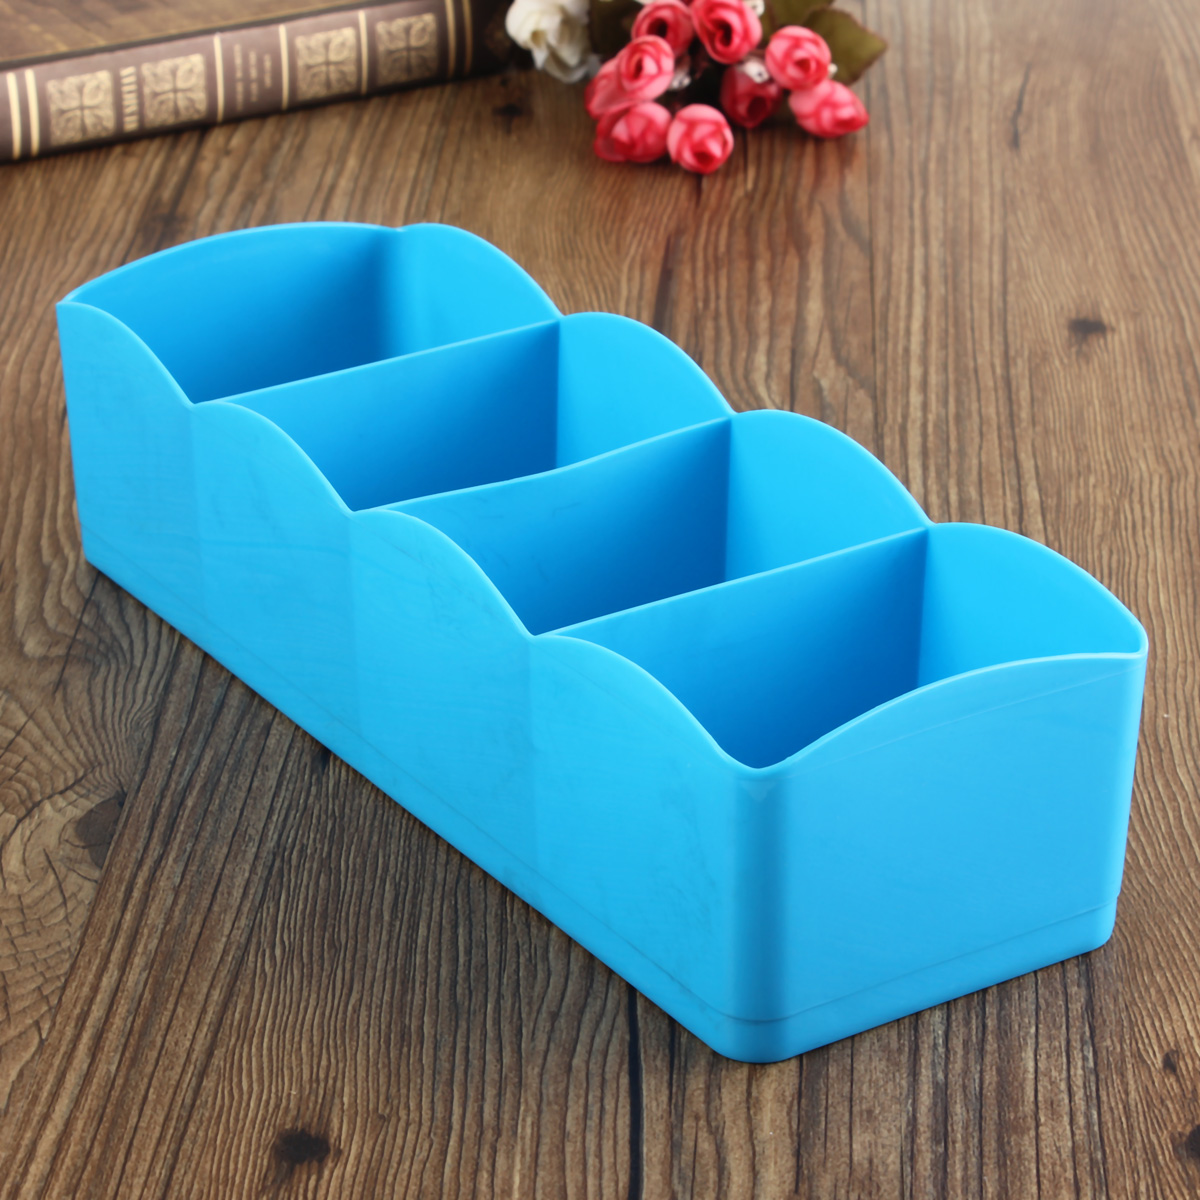 Boite separateur de tiroir rangement pr chaussette sous - Boite rangement sous vetement ...